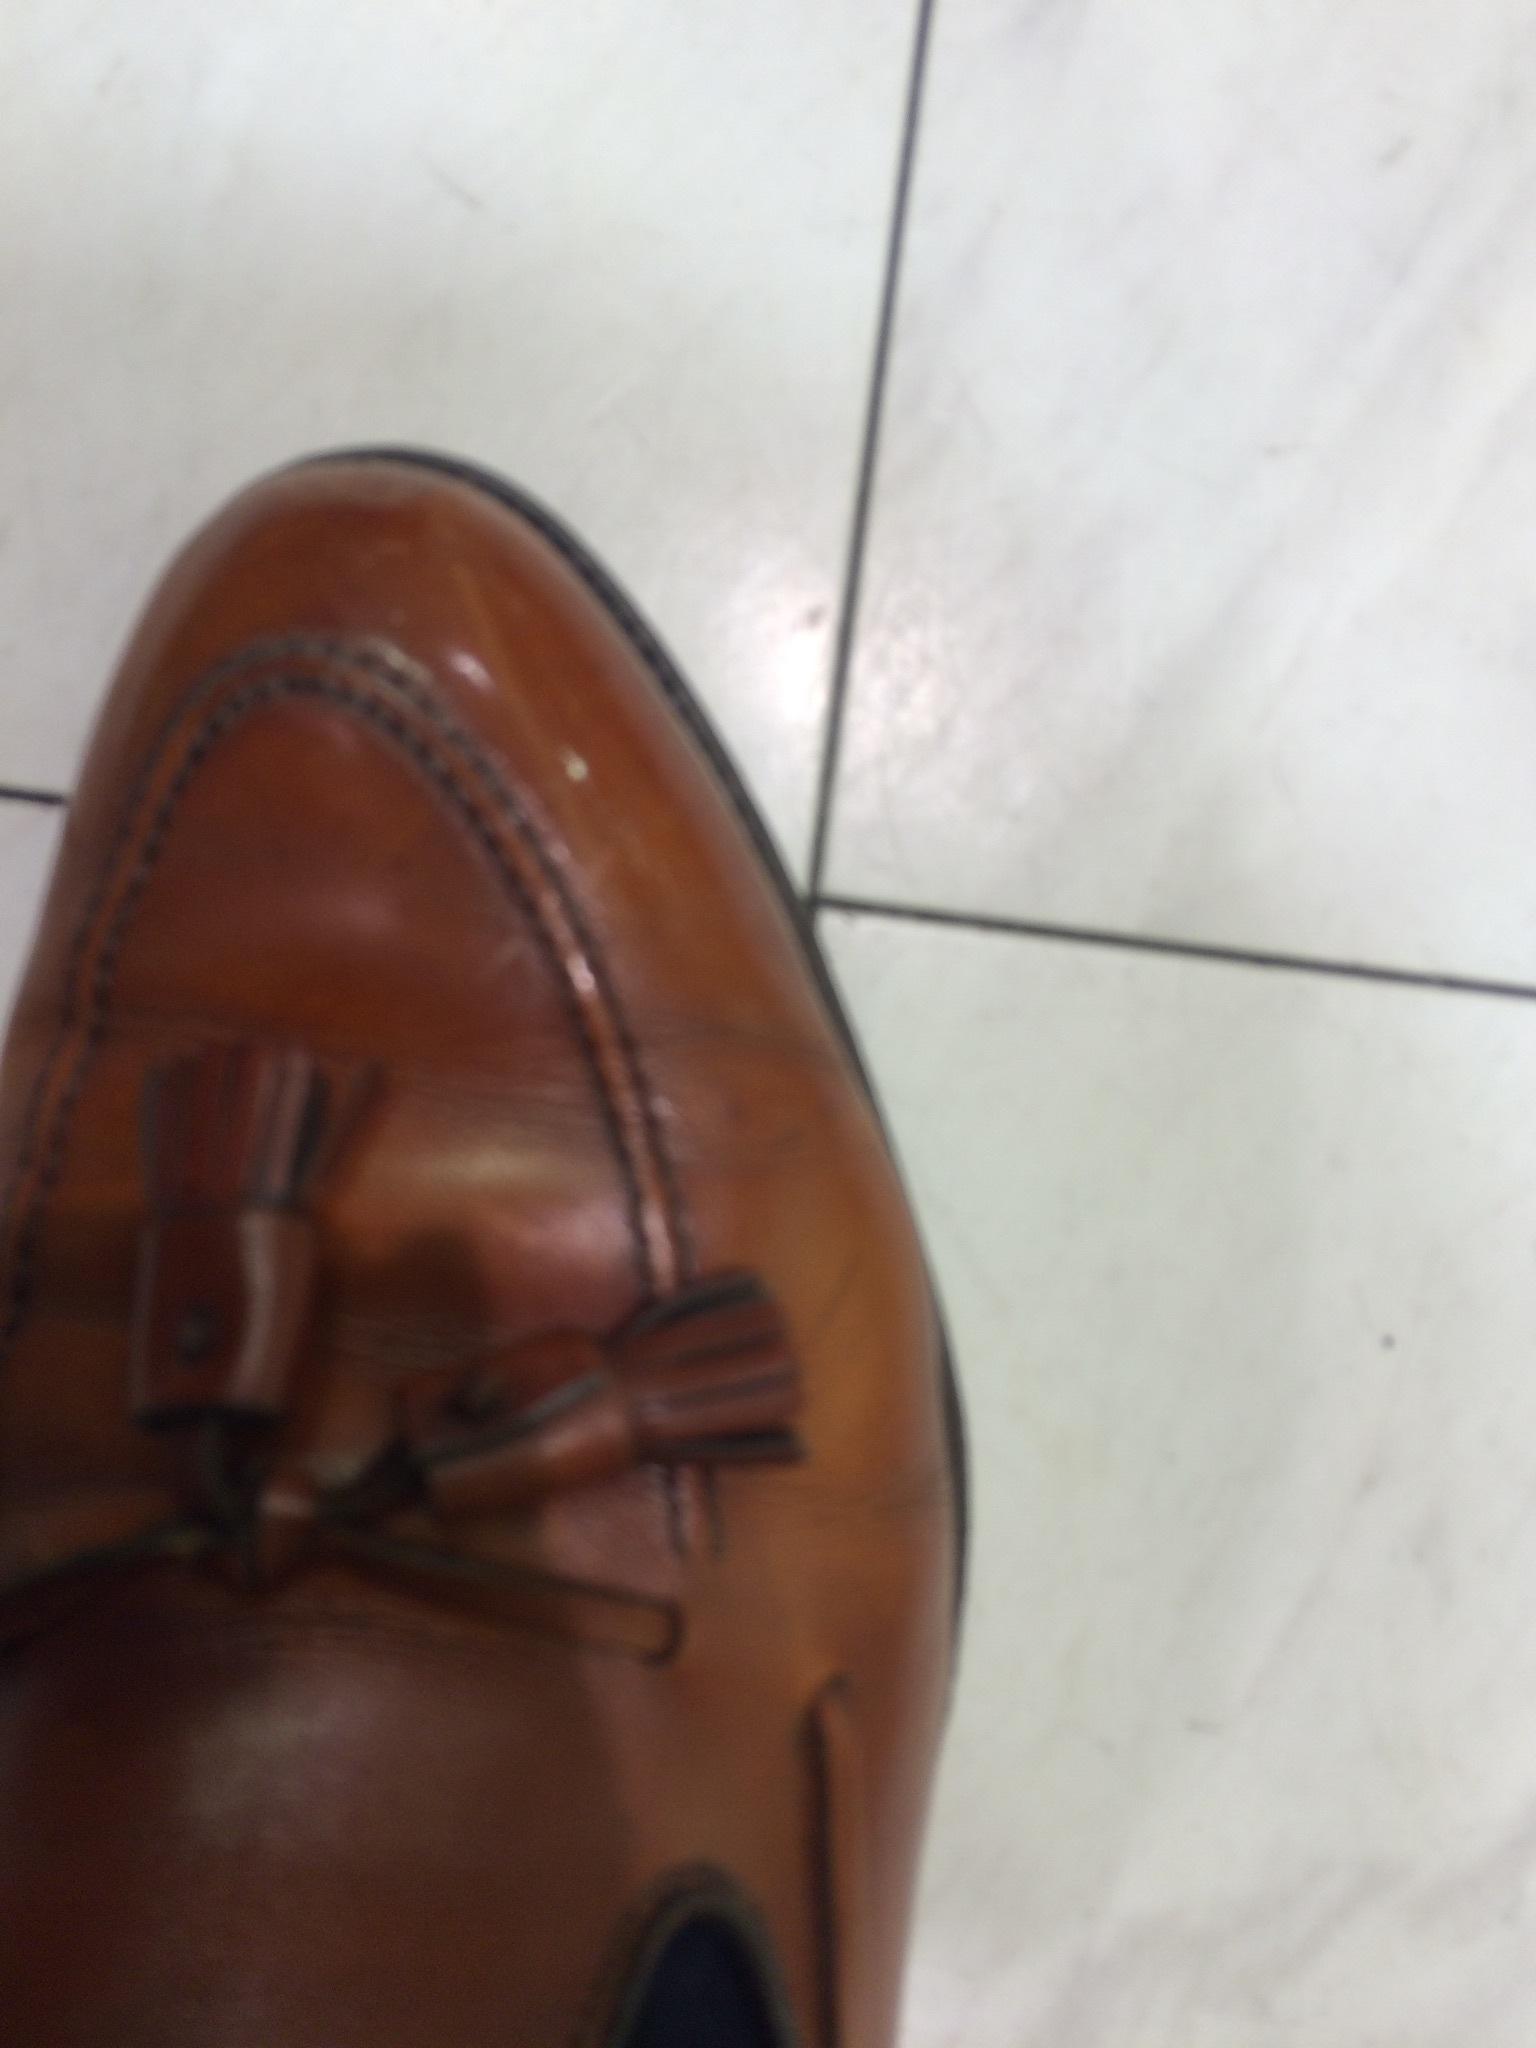 指が当たって痛い靴ありませんか?_b0226322_10491050.jpg